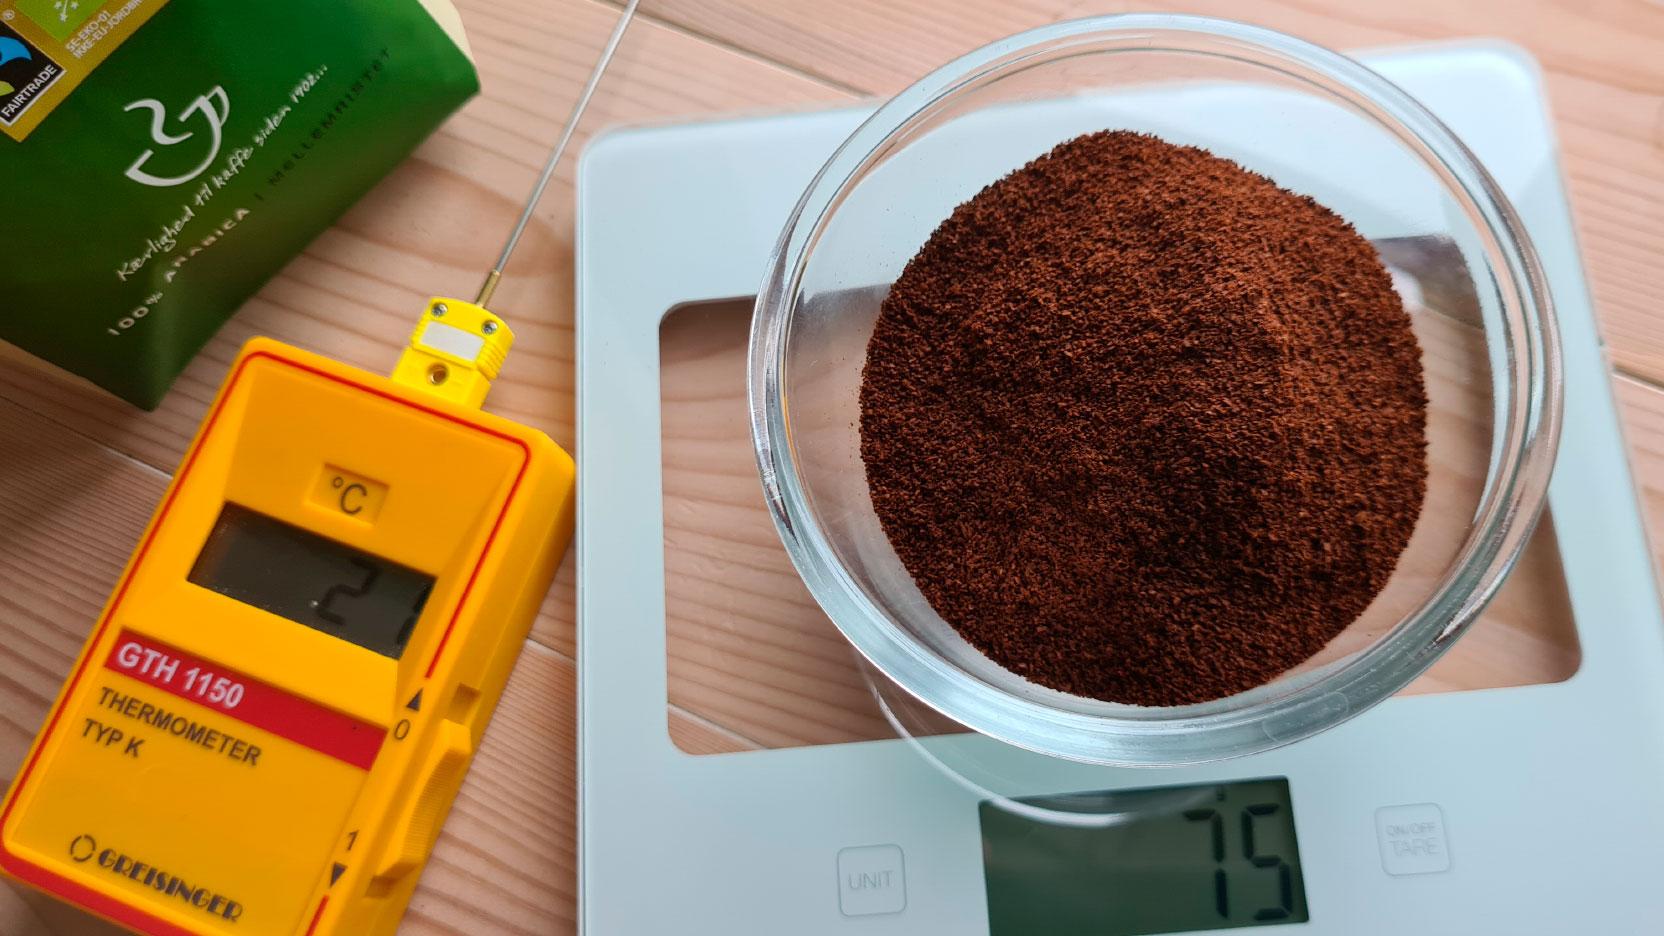 Bild av kaffe på våg och termometern som användes i testet av kaffebryggarna